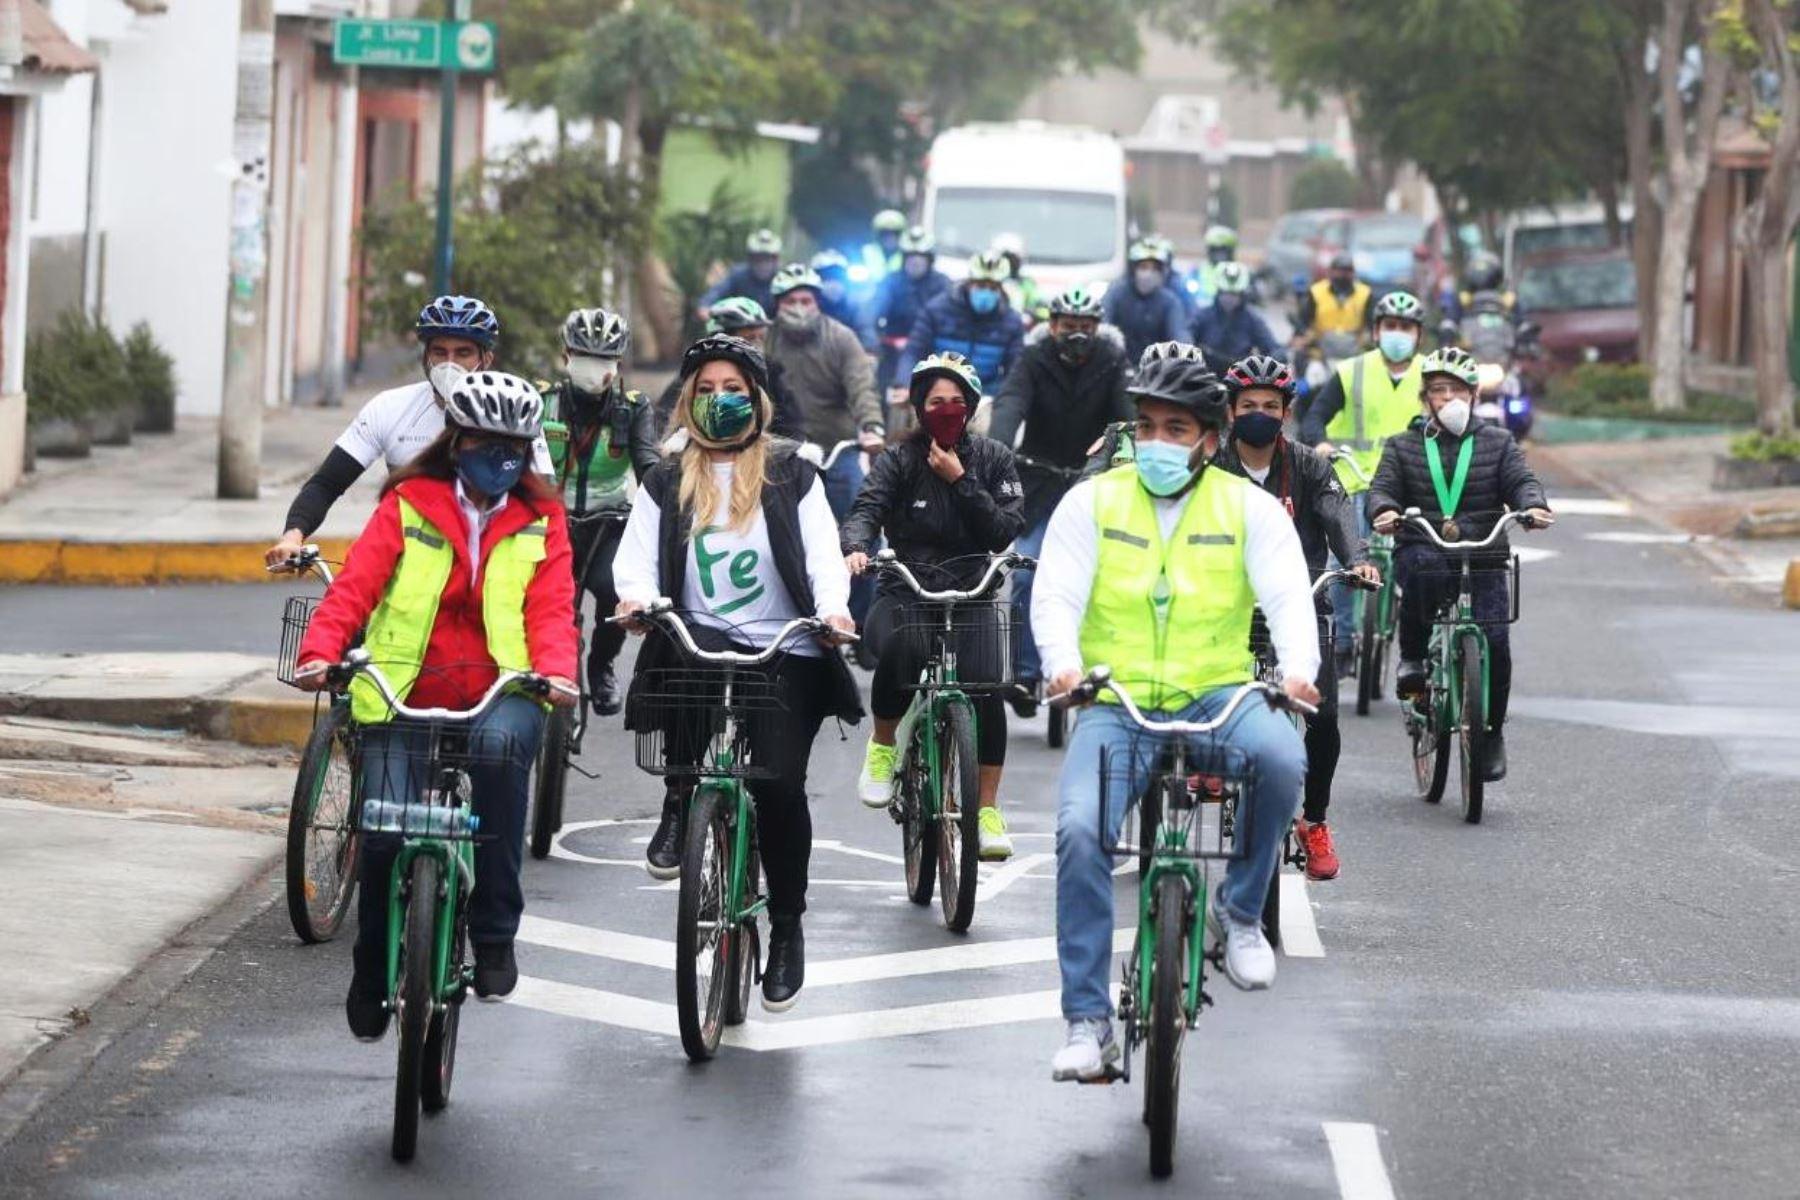 ATU destaca fomento de la bicicleta en La Molina para evitar propagación del covid-19. Foto: ANDINA/Difusión.